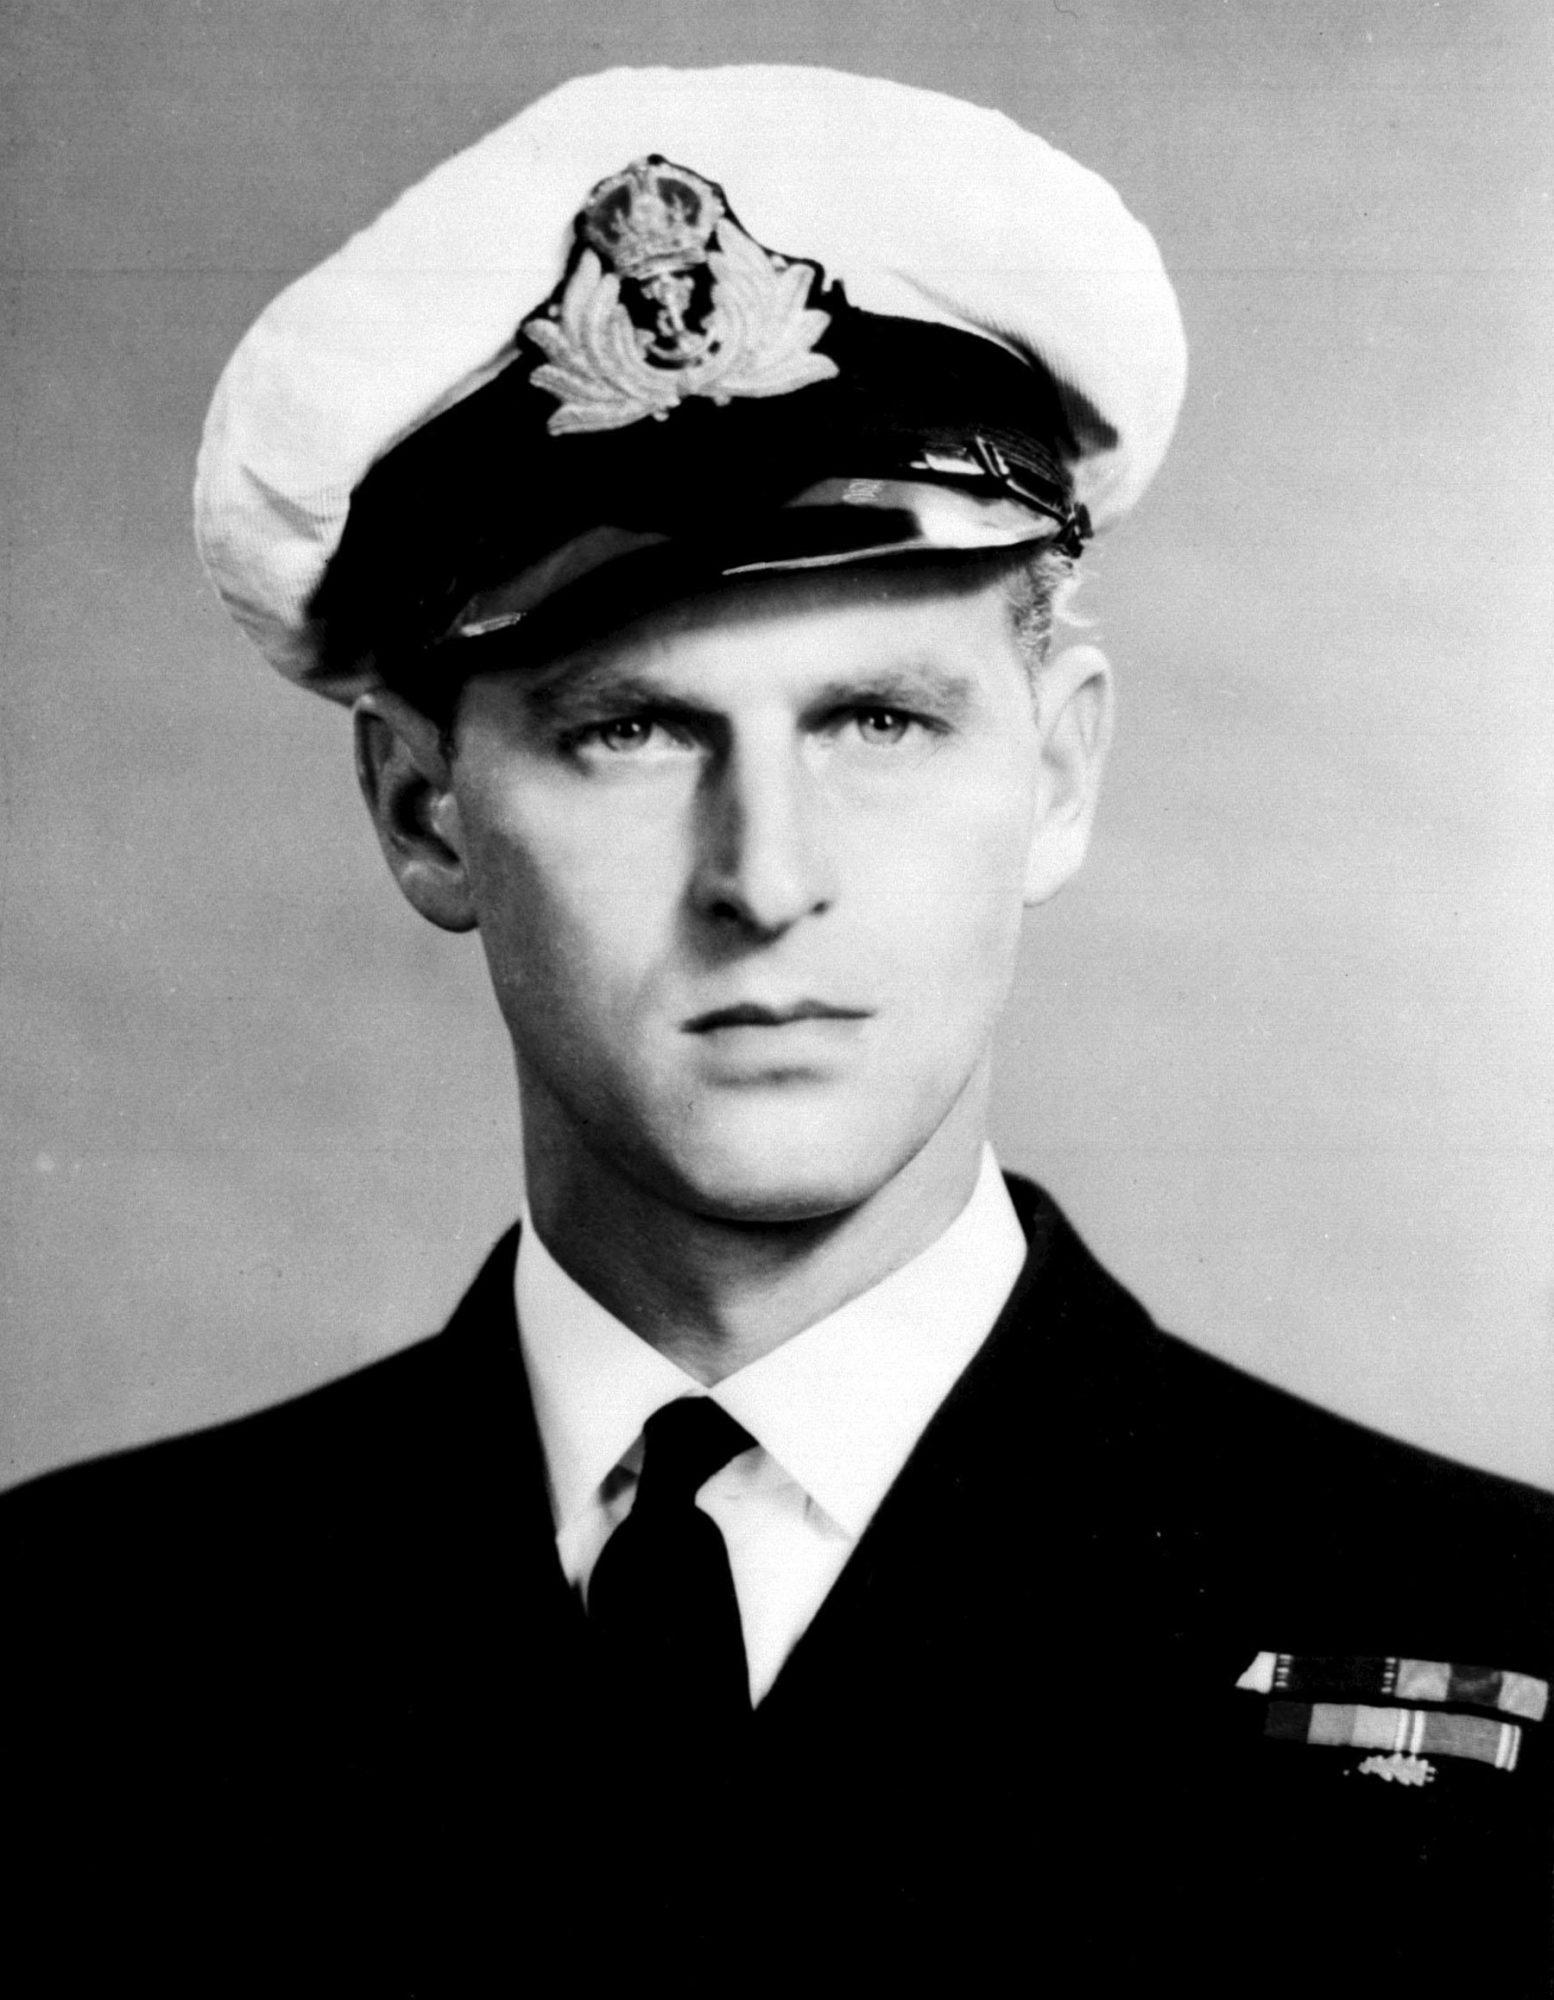 Royalty - Duke of Edinburgh - Royal Navy - Portsmouth